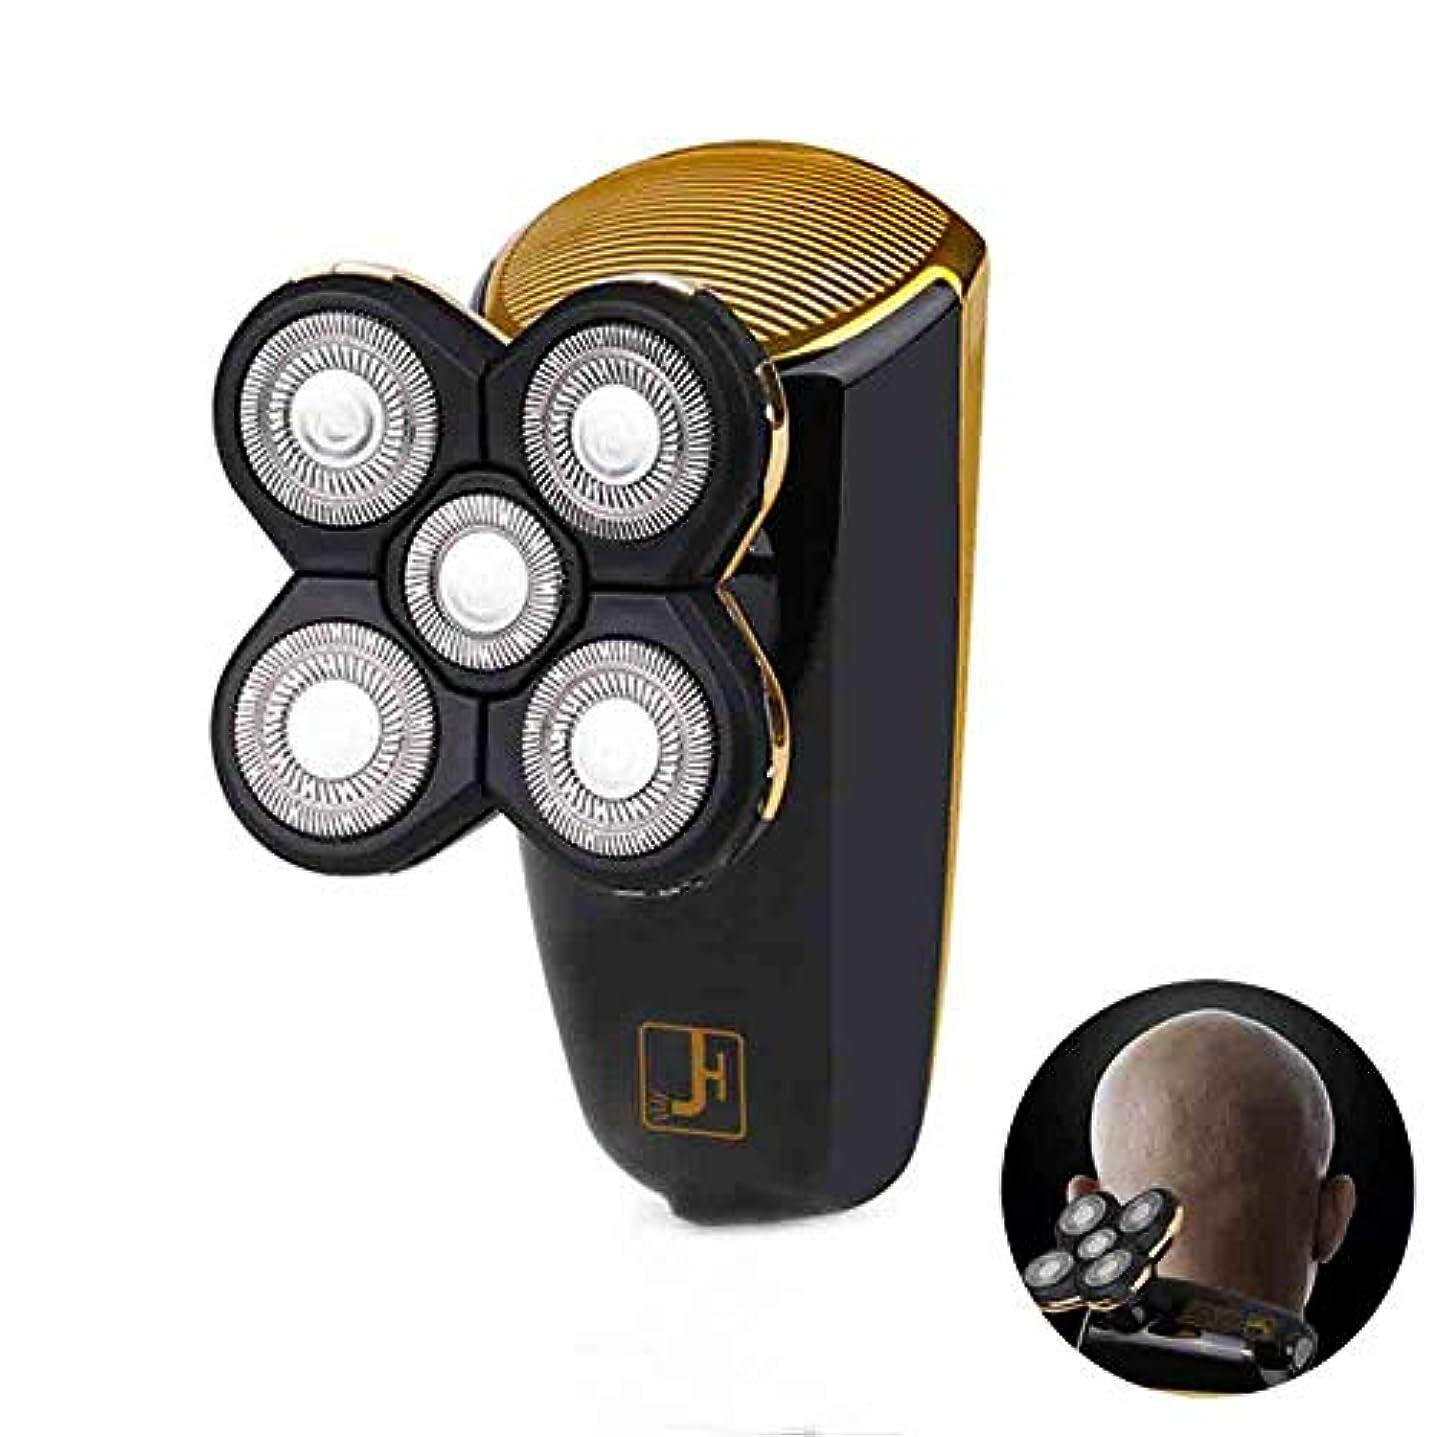 クライストチャーチ単位ジョージスティーブンソン電気シェーバー、USB 充電5頭電気シェーバー全身洗浄することができます、LED ブートディスプレイ車脱毛、黒